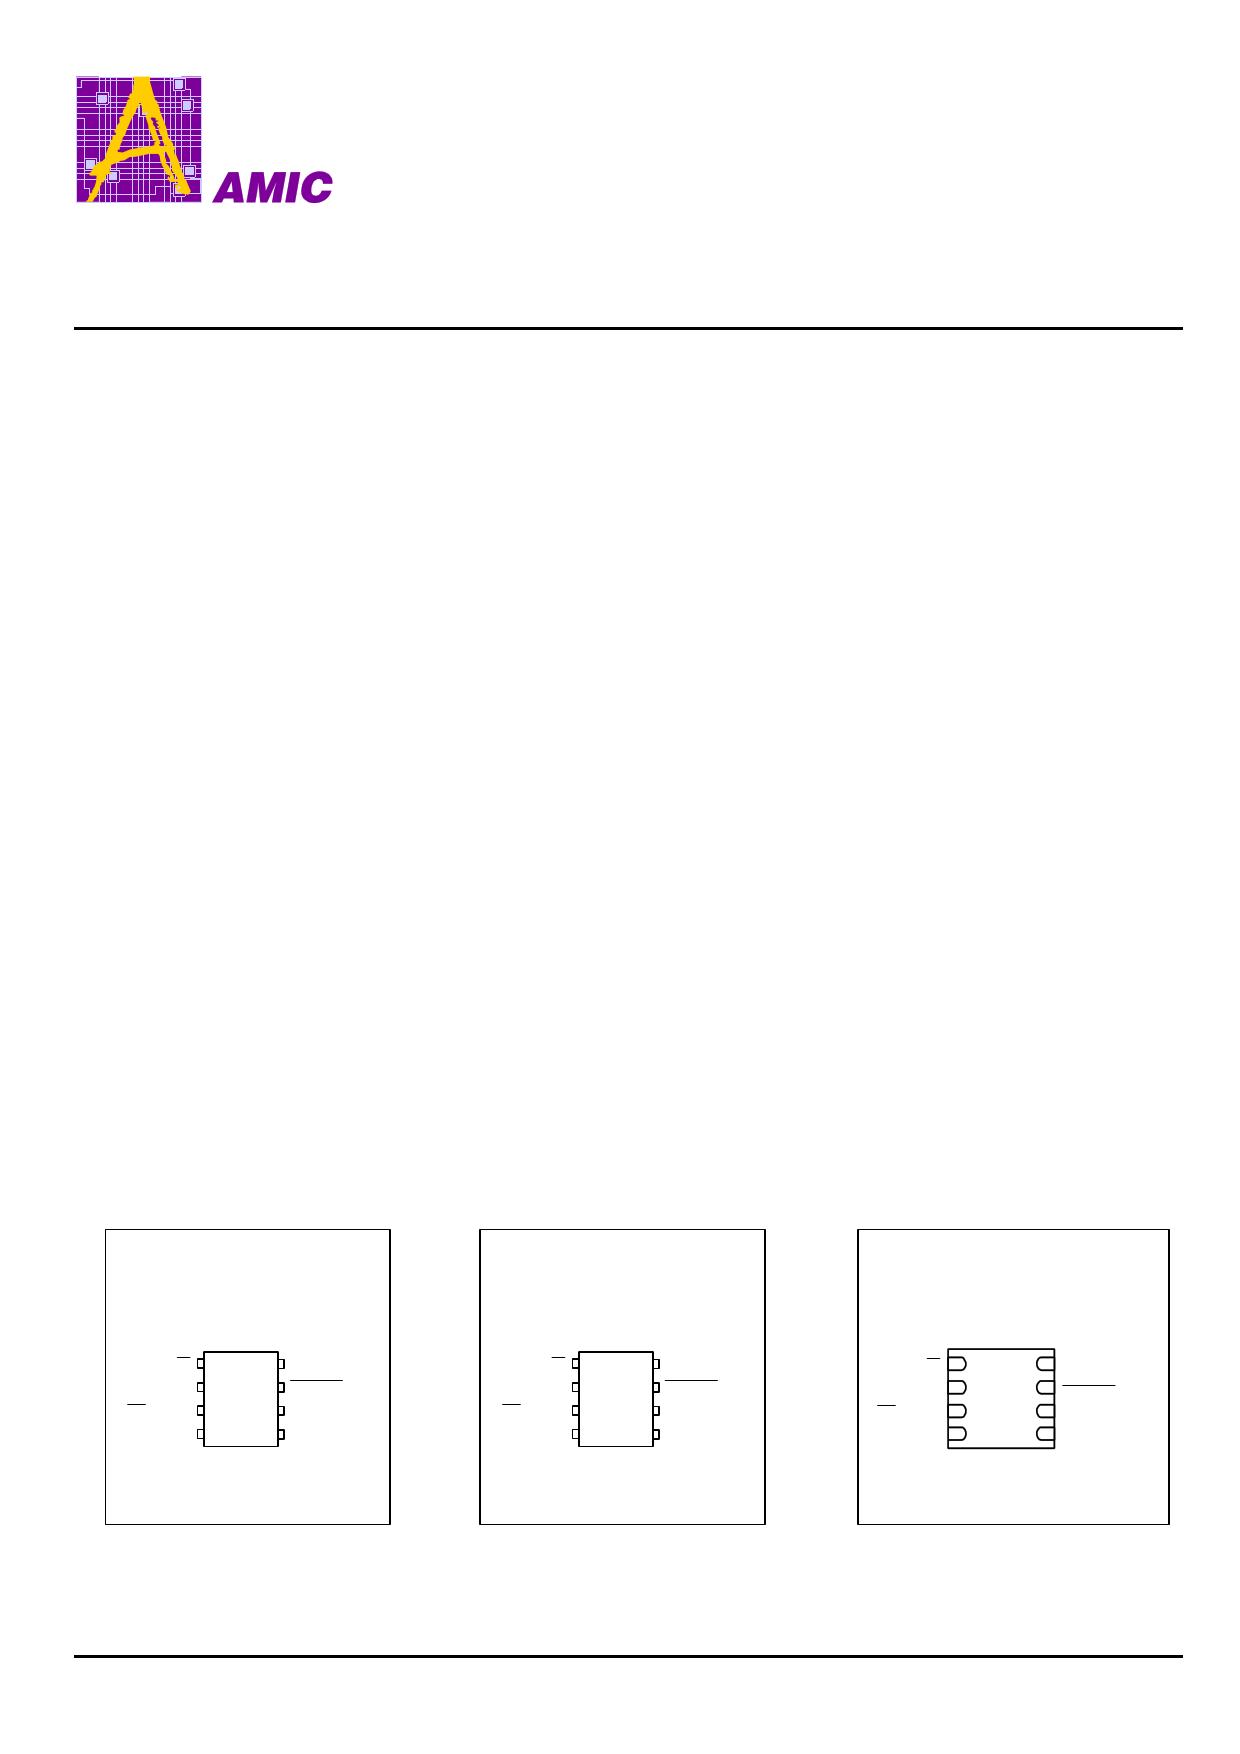 A25LQ32A pdf, schematic